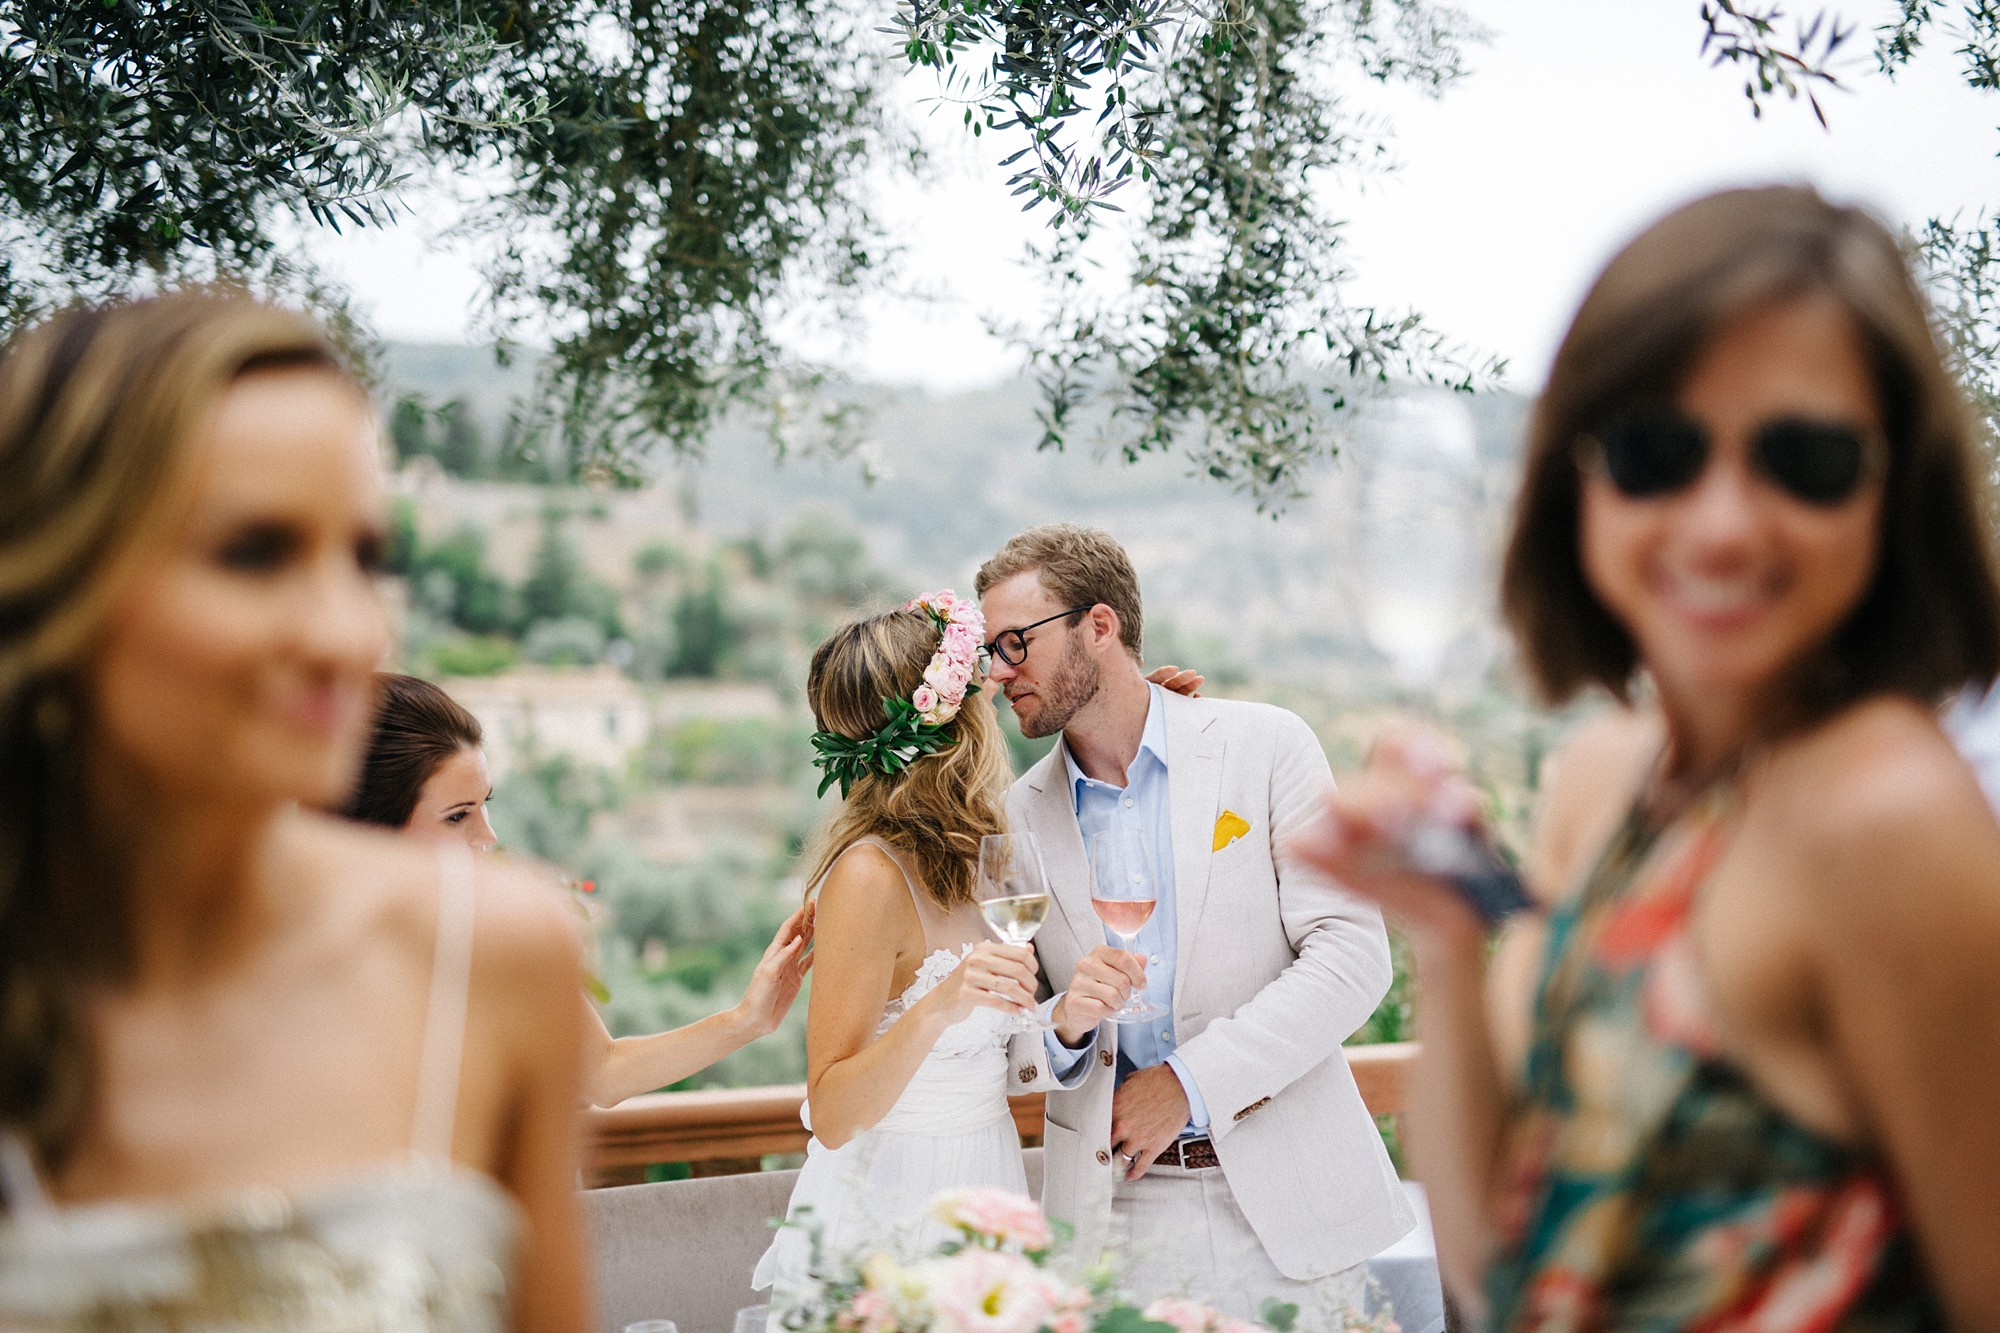 fotografos de boda en valencia barcelona mallorca wedding photographer136.jpg